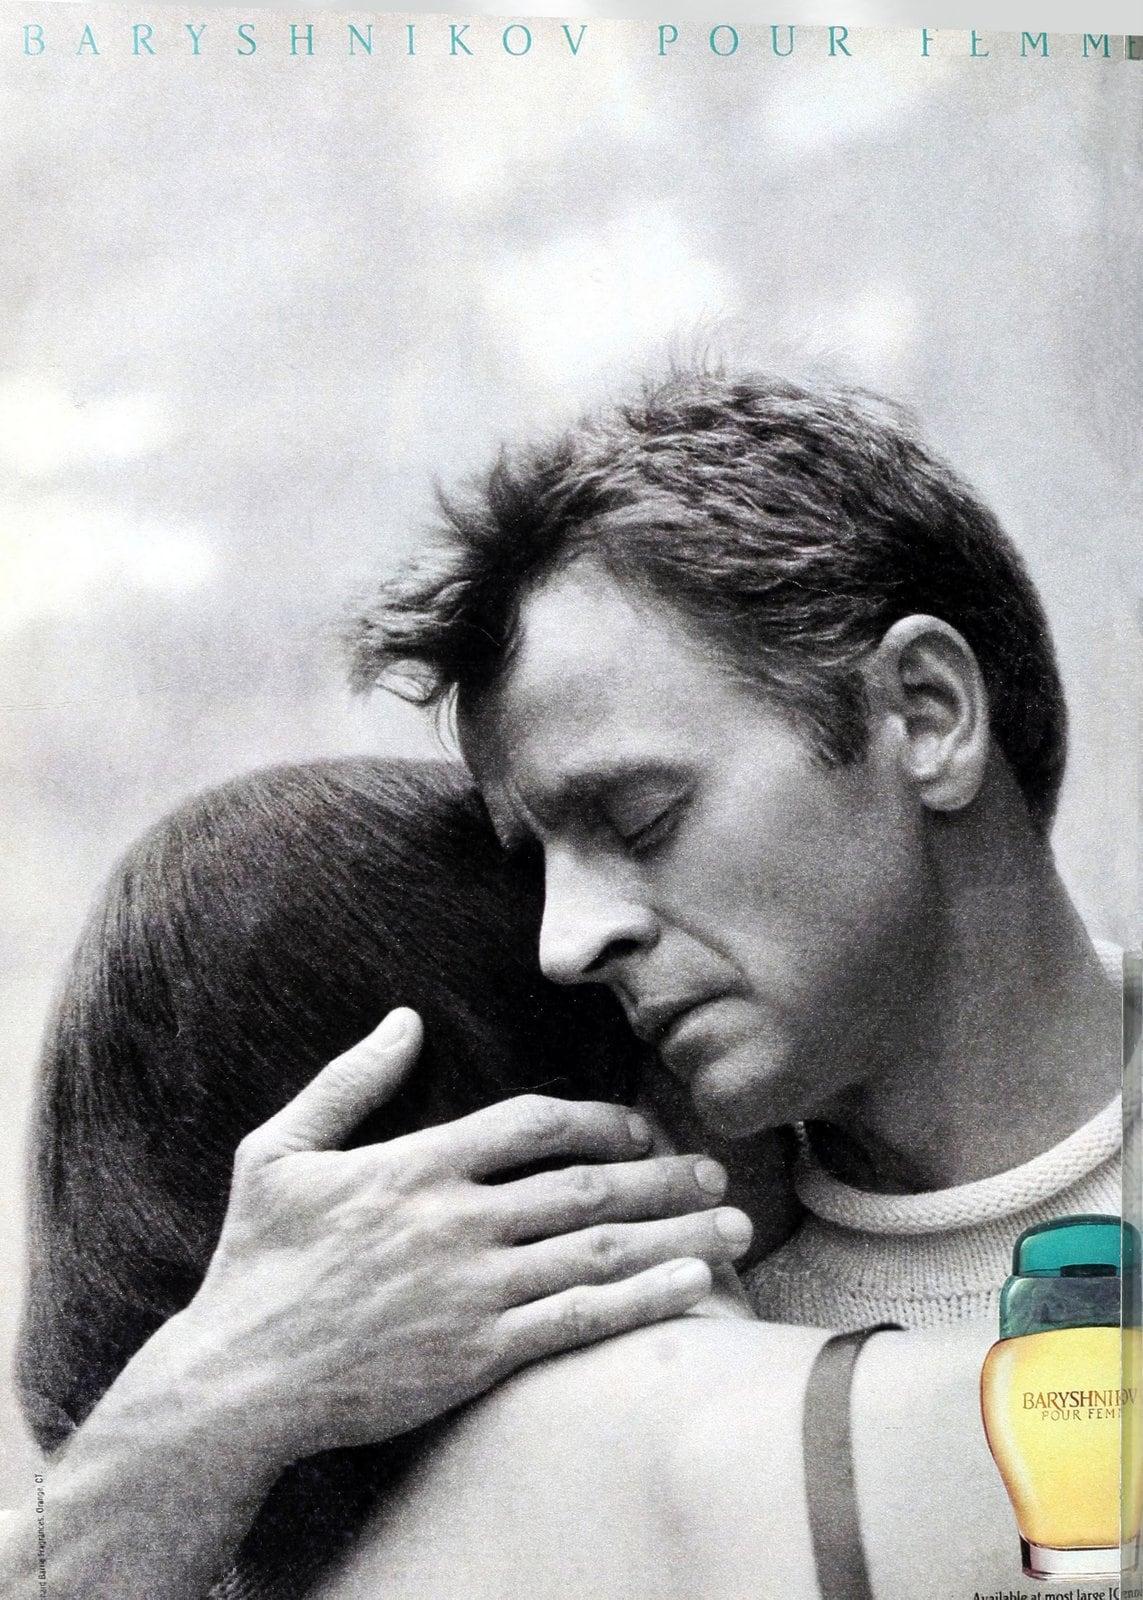 Baryshnikov Pour Femme perfume (1995) at ClickAmericana.com